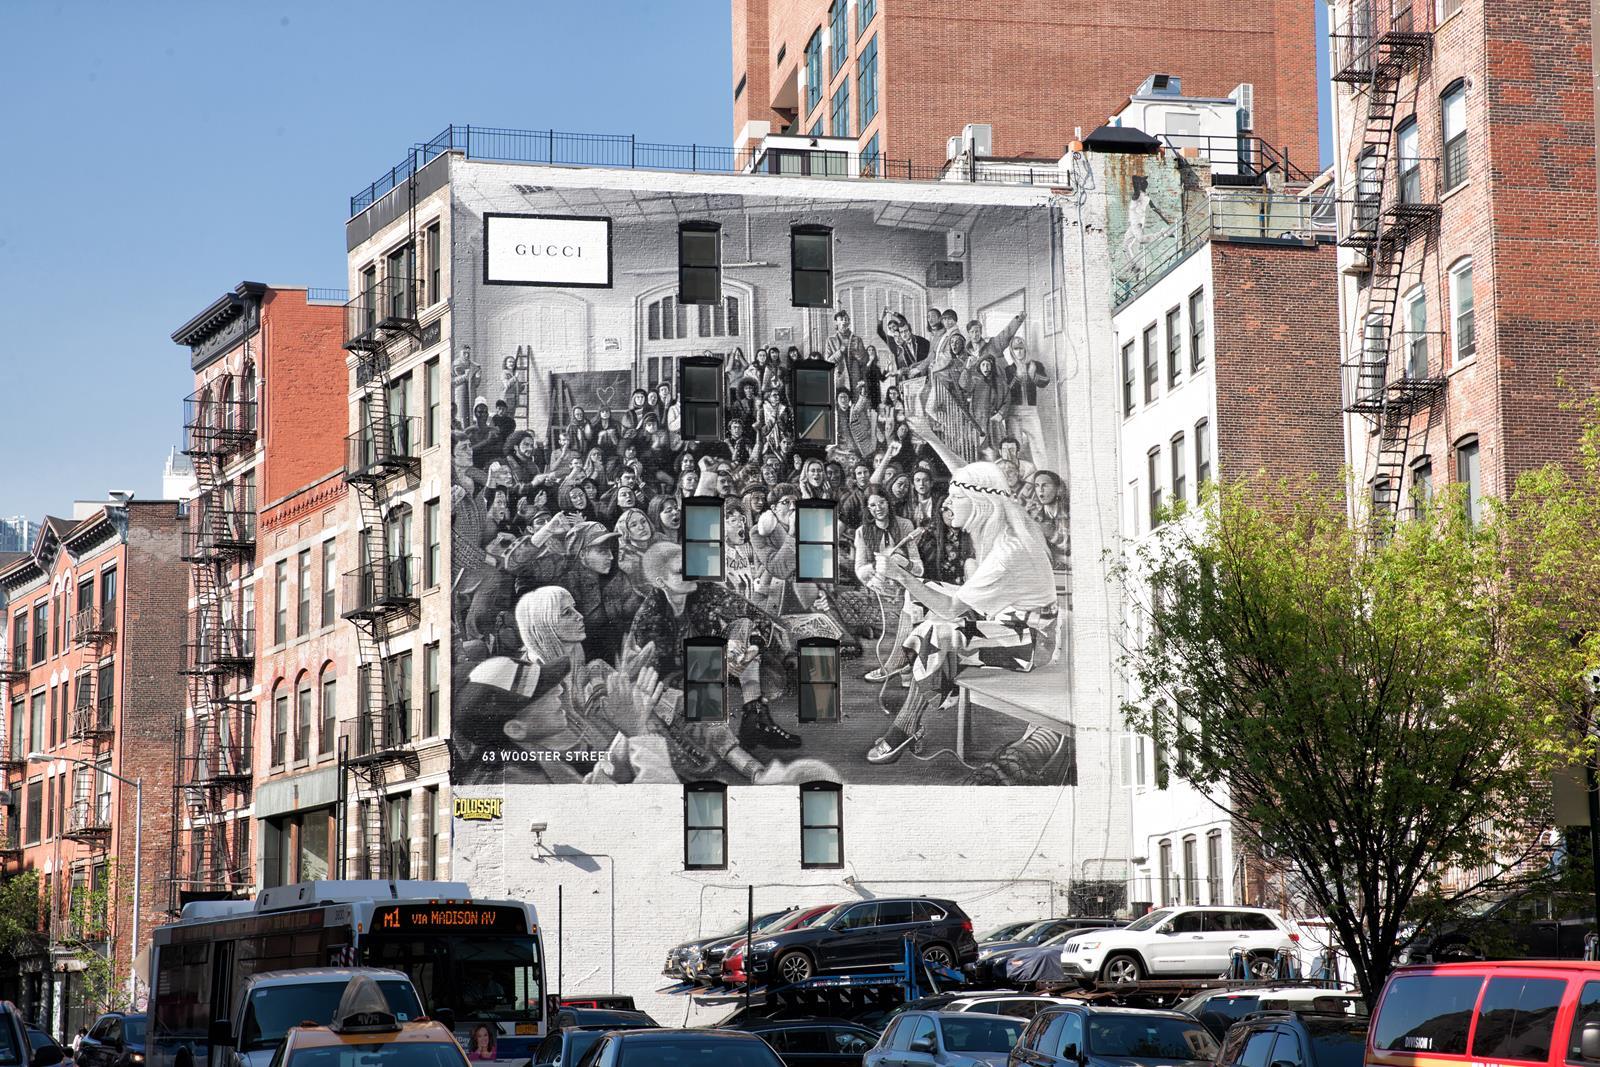 Gucci Art Wall NY_12_Courtesy of Chris Moran_Colossal Media